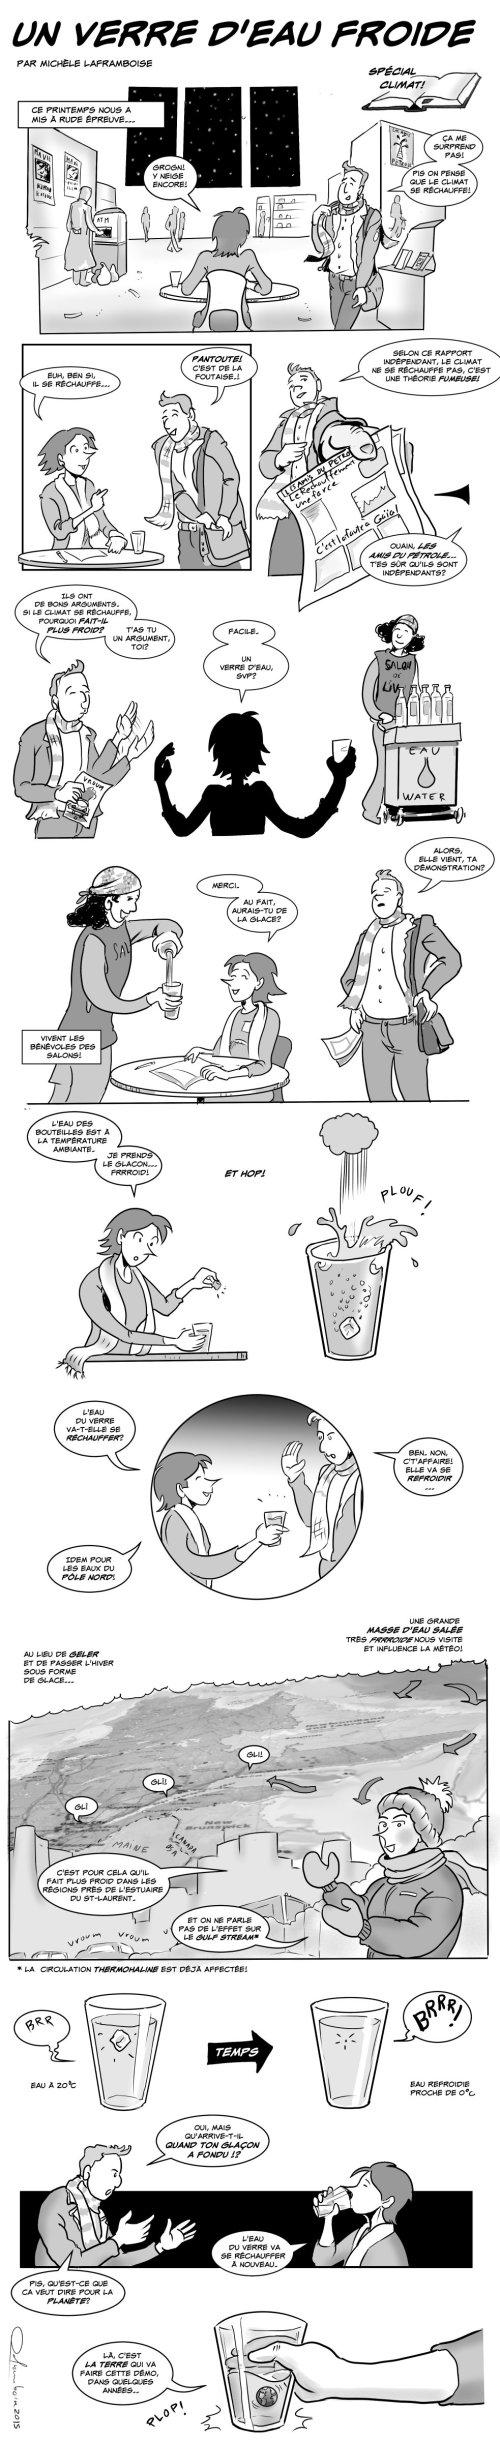 Les changements climatiques expliqués avec un verre d'eau!   Texte et dessins par Michèle Laframboise